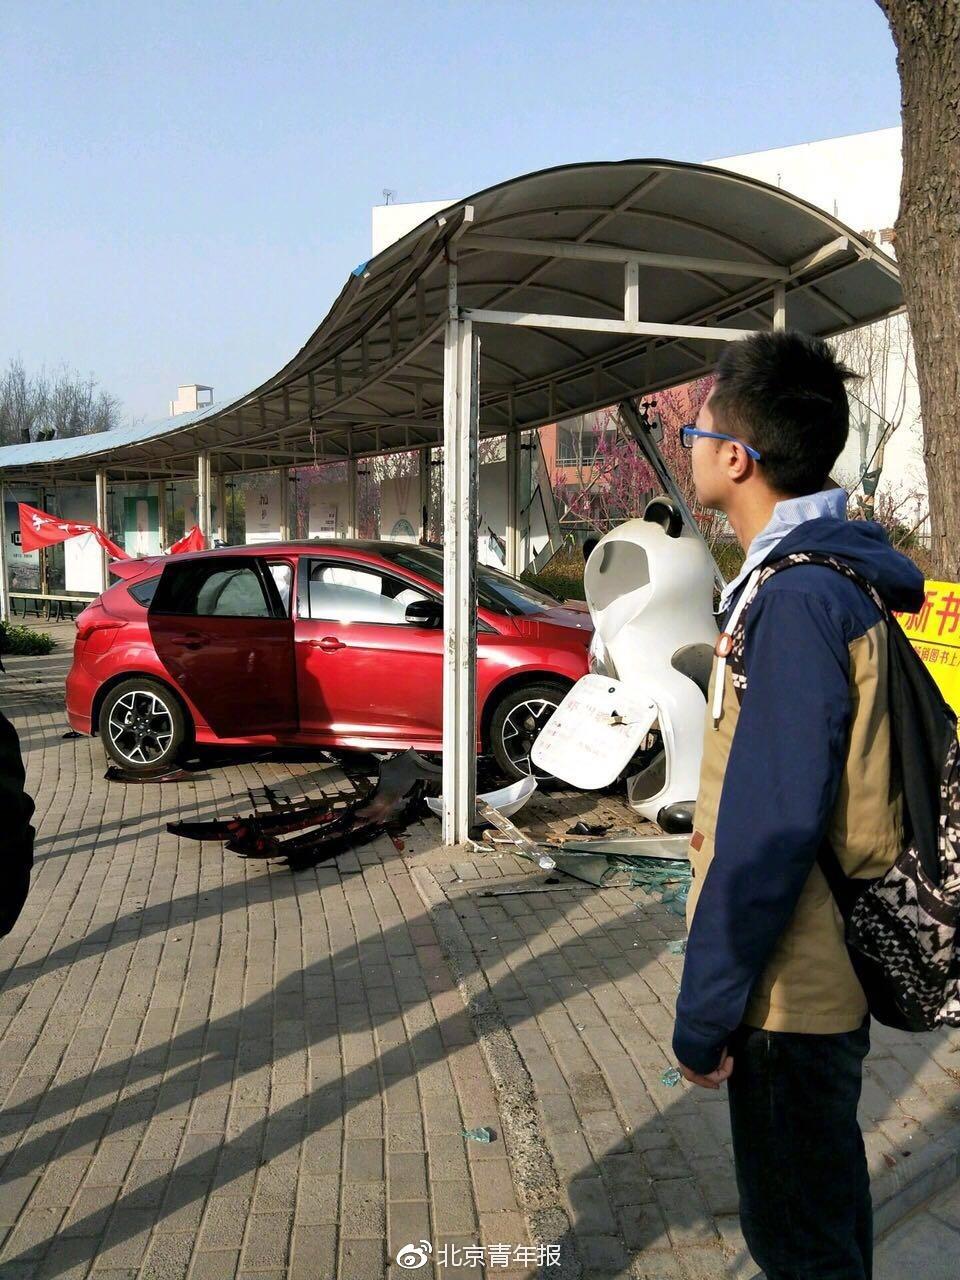 郑州一大学教师在校园内驾车撞伤4人 1名学生重伤